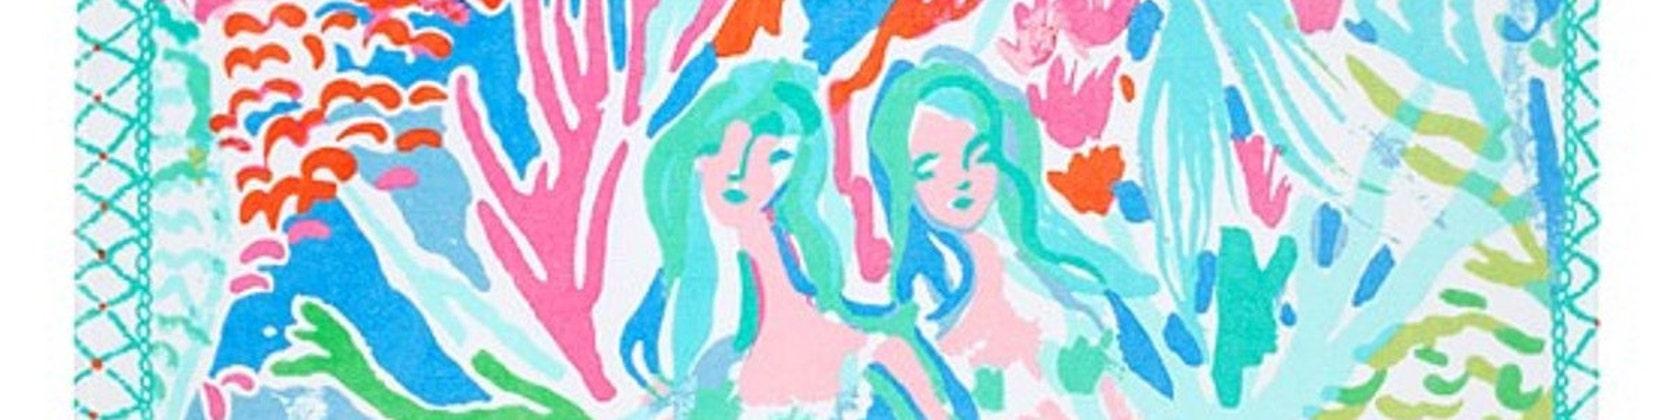 LillyJunction Petticoat von JunctionPetticoat auf Etsy